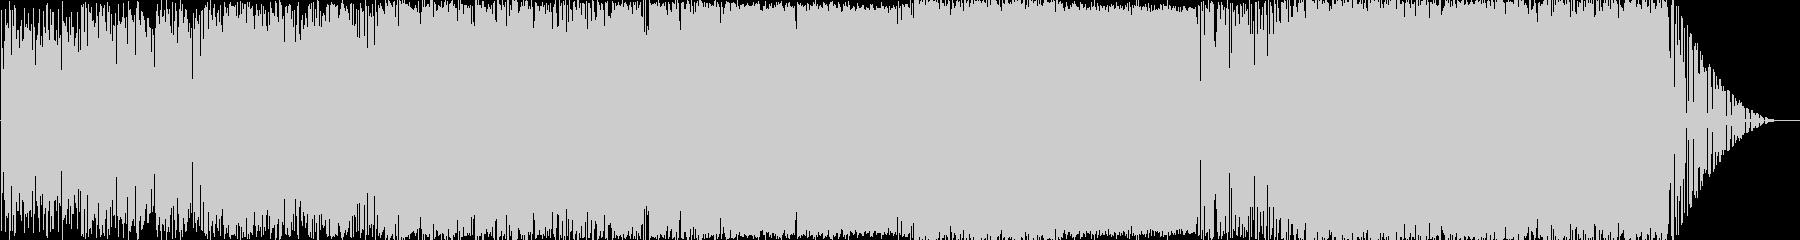 オシャレで大人なバラードの未再生の波形